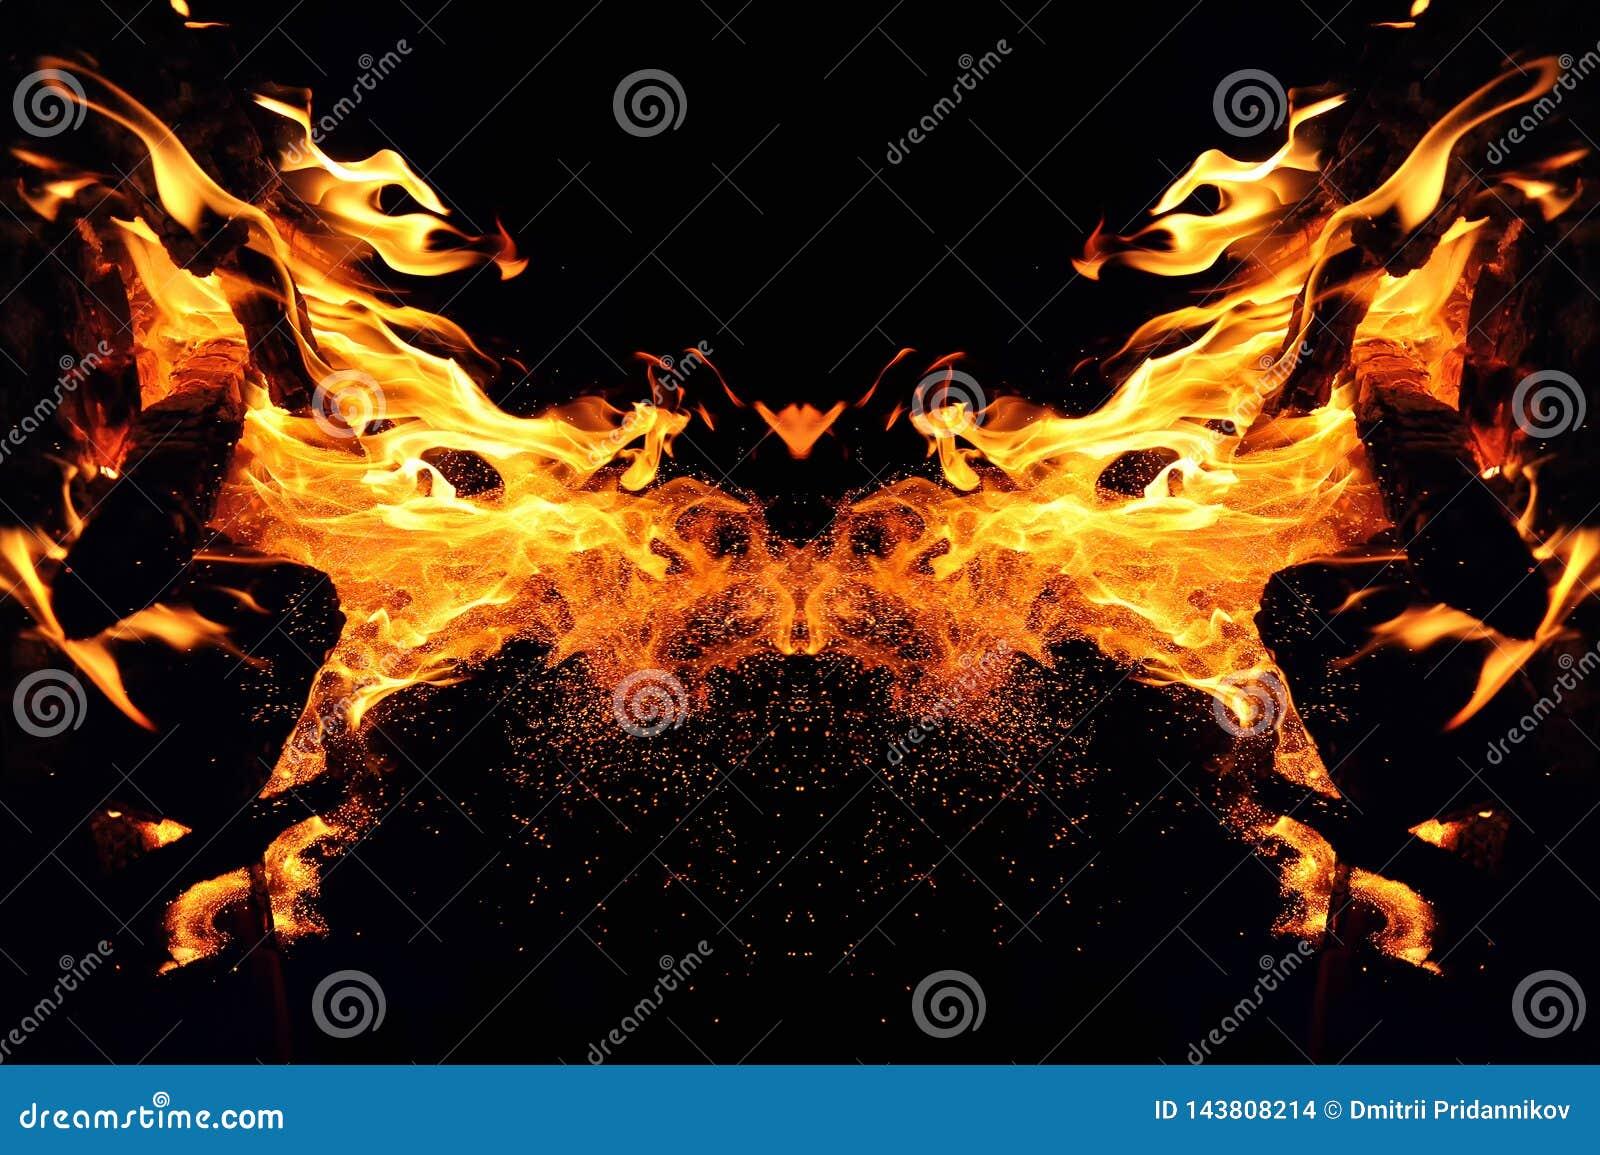 Αφαίρεση, καίγοντας πυρκαγιά με τους σπινθήρες Μυστικός τύπος κεφαλιού πεταλούδων ή γατών